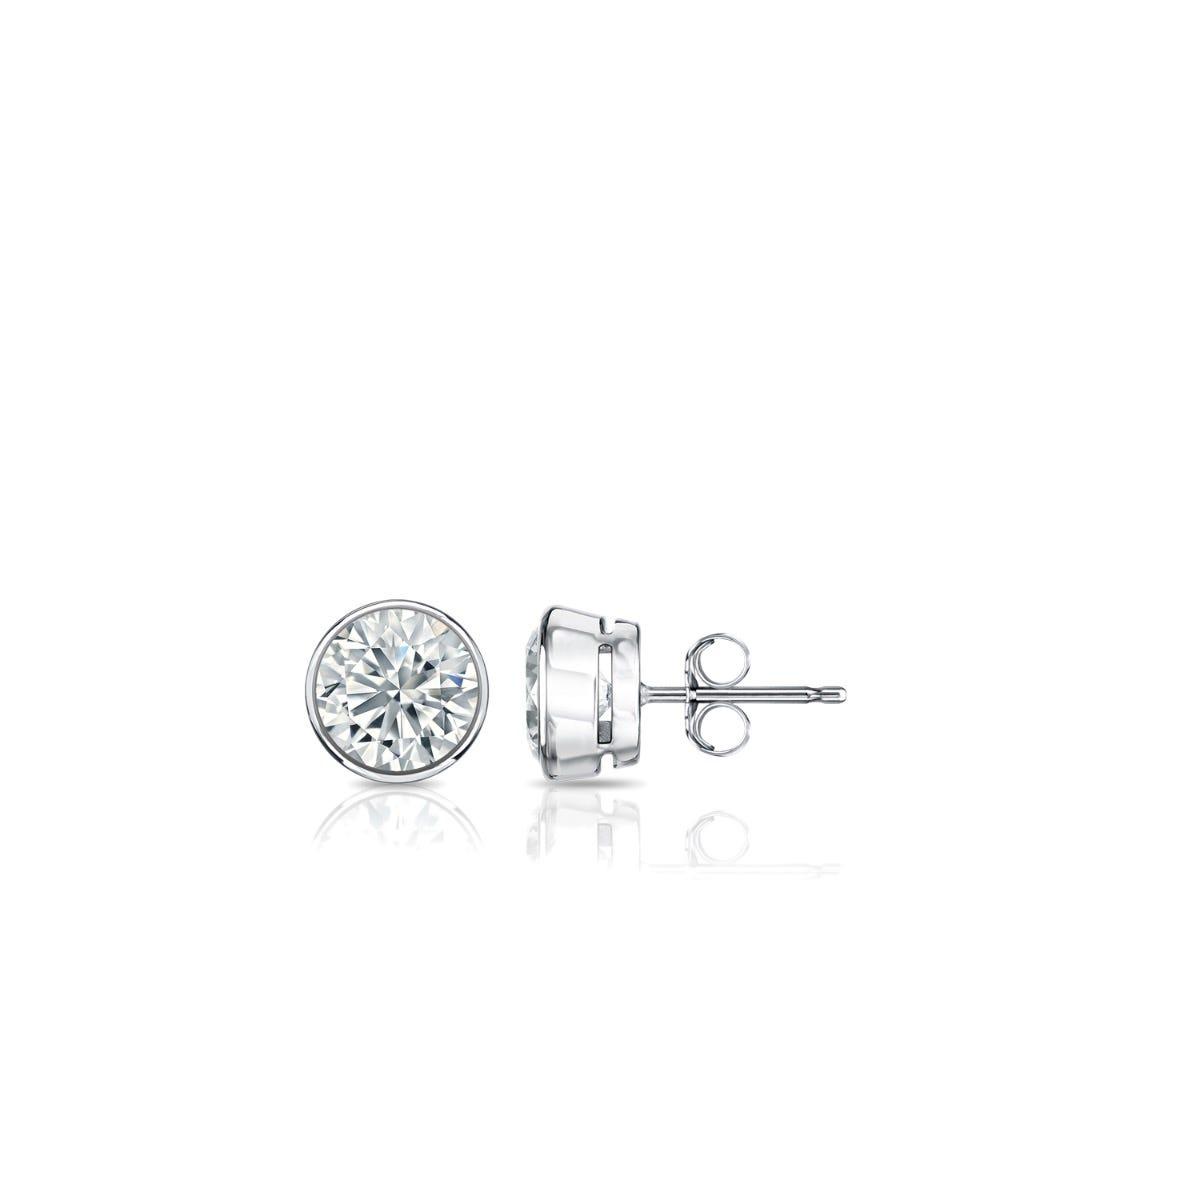 Diamond Round Bezel-Set 1/5ctw. Solitaire Stud (IJ-VS2) Earrings in 14K White Gold